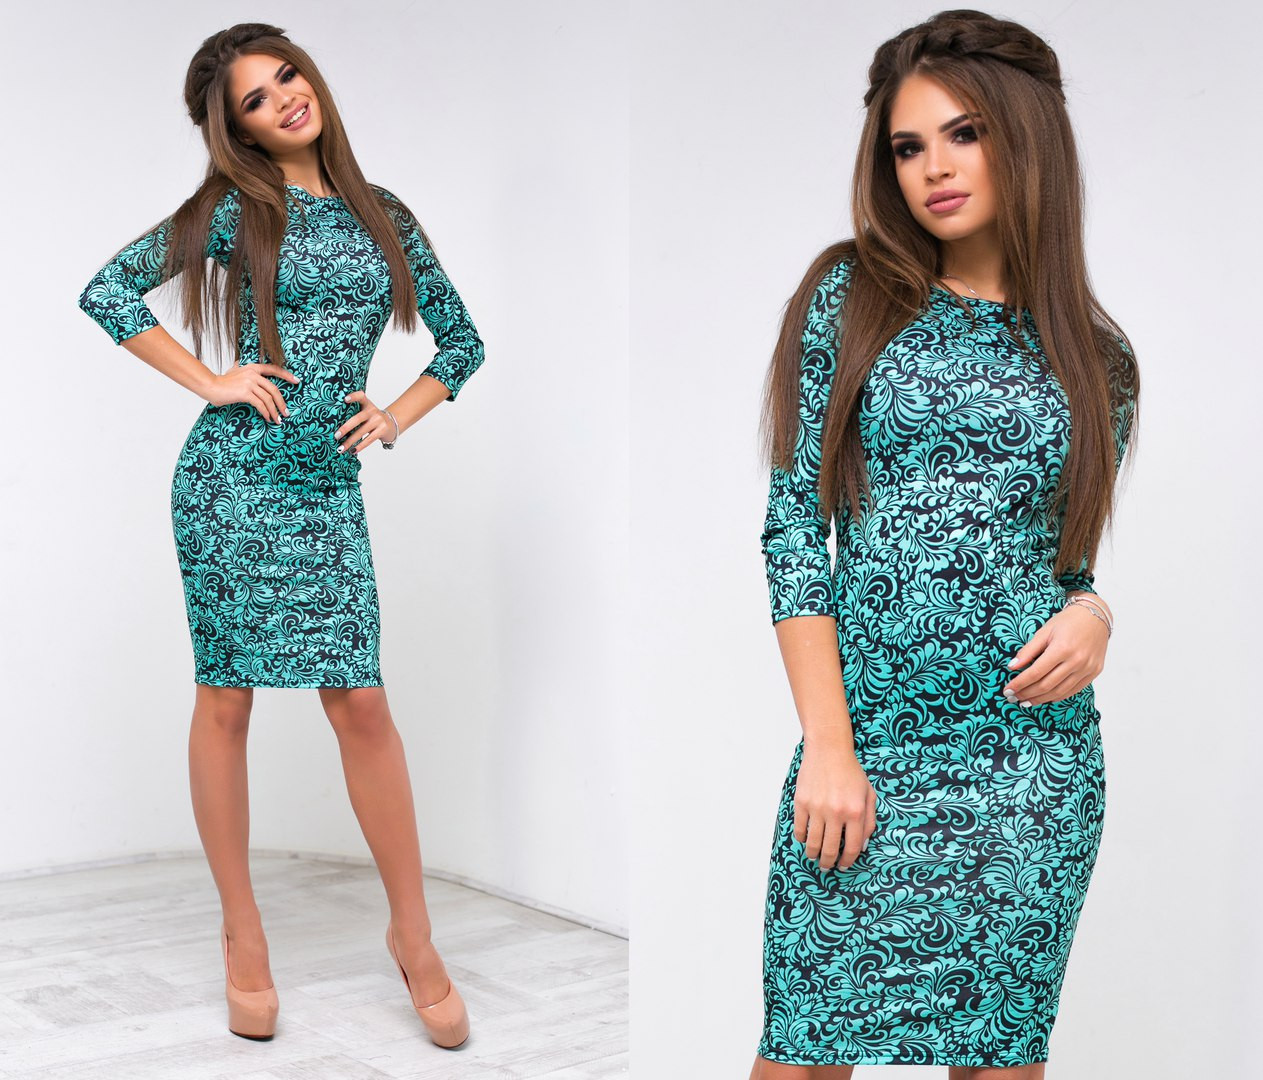 2697ad84ca5 Молодежное платье французской длины - Интернет-магазин